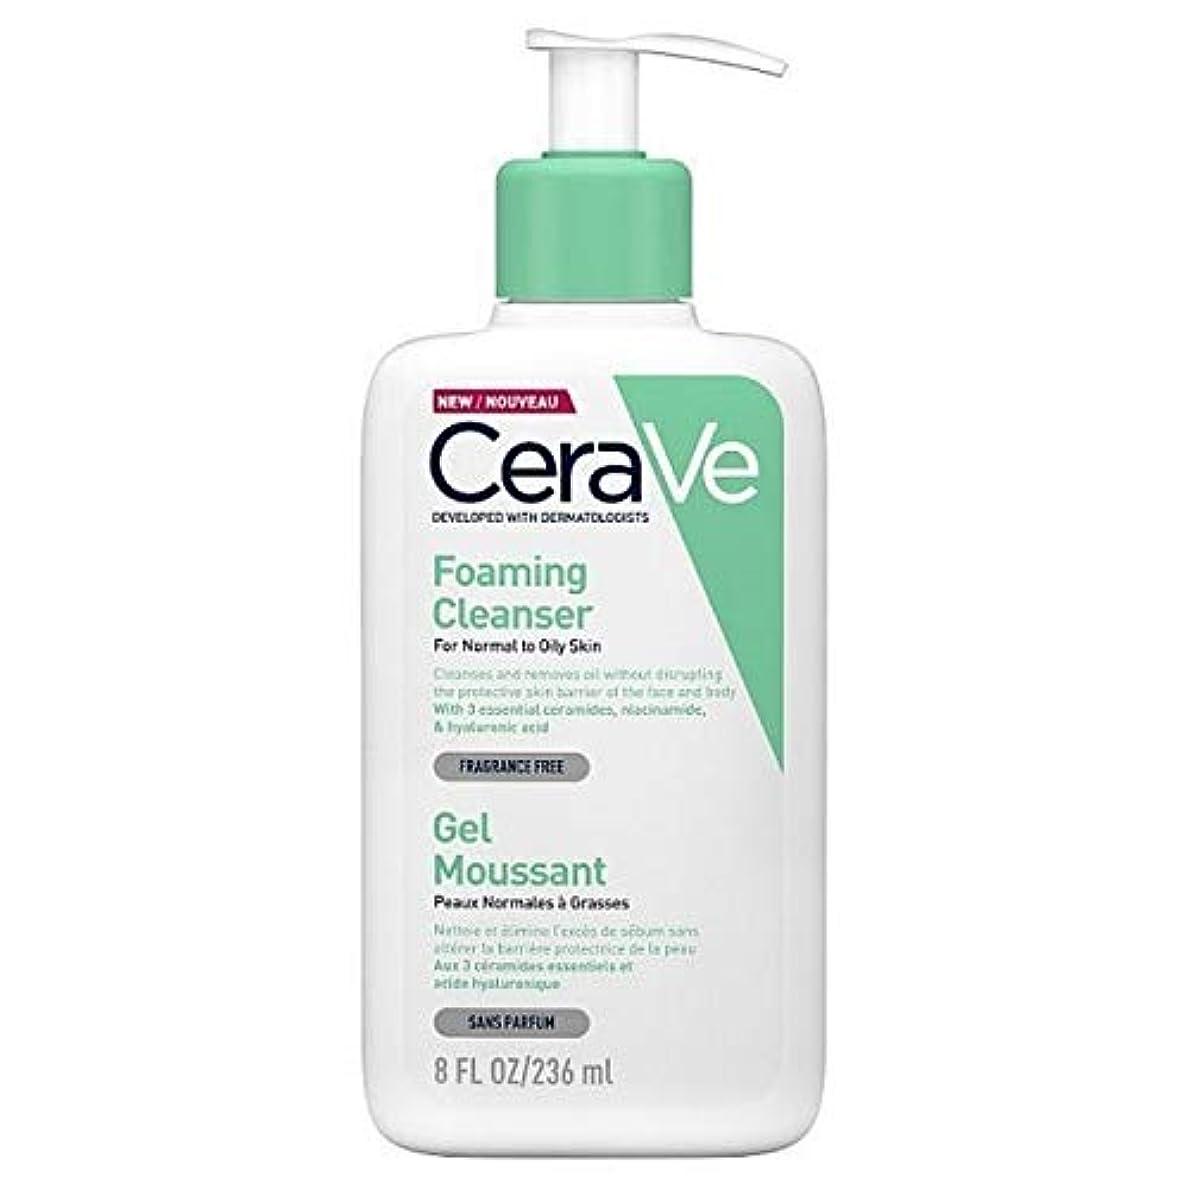 月曜綺麗な用心する[CeraVe] Ceraveフォーミングクレンザーの236ミリリットル - CeraVe Foaming Cleanser 236ml [並行輸入品]